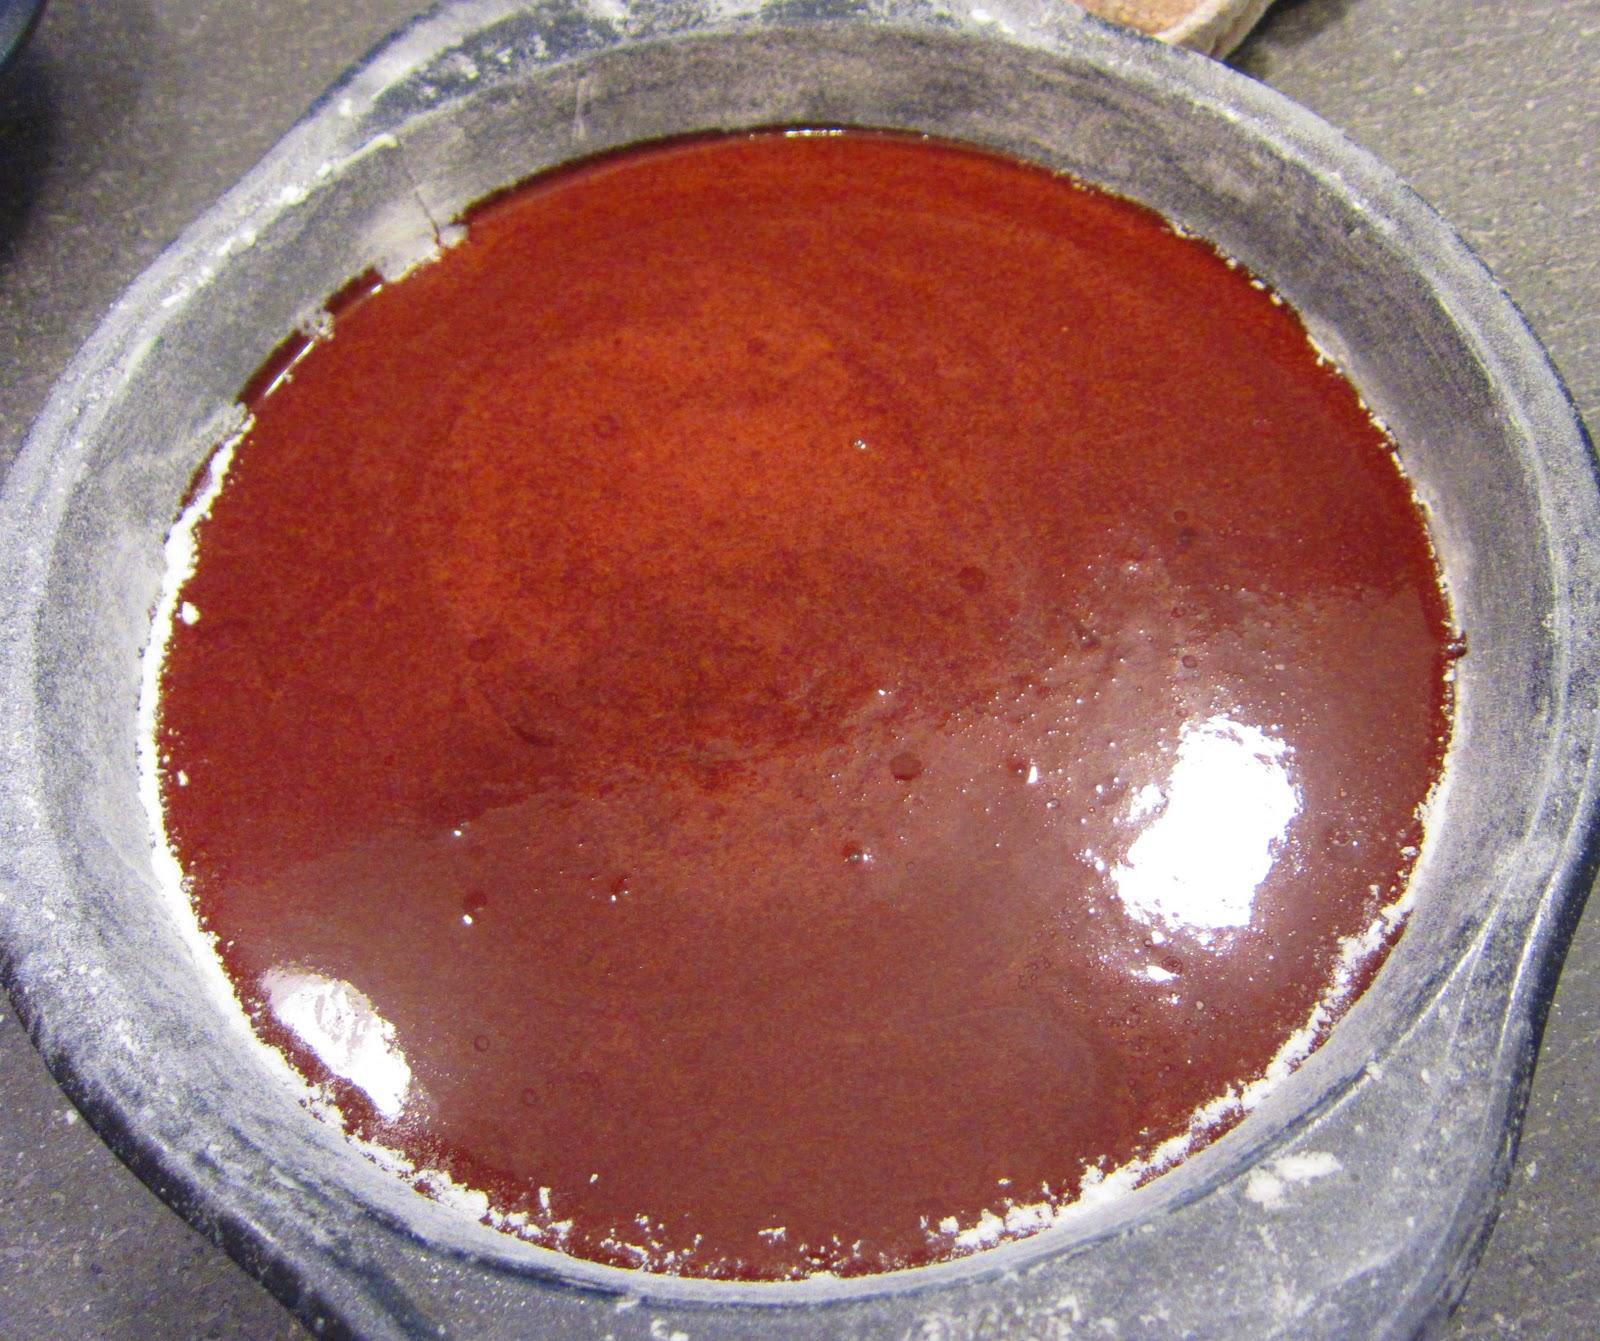 Tasty Eating Baking Ultimate Chocolate Cake